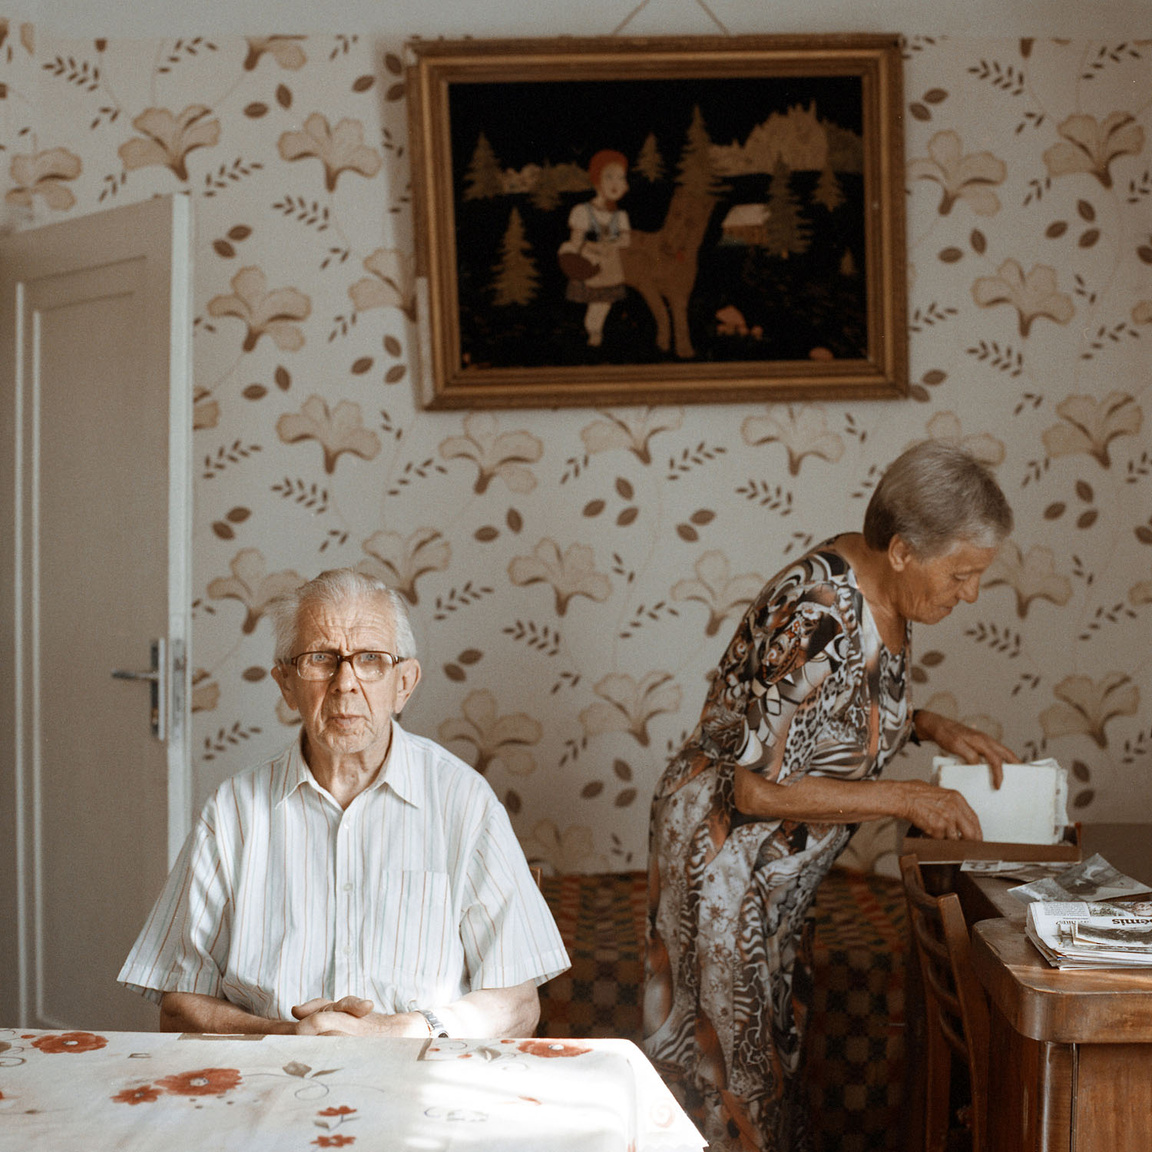 """""""Nem is éltem még, amikor az apám megépítette ezt a házat, hogy felneveljen minket. Emlékszem, gyerekkoromban milyen szép volt a táj a tornácunkról. Nézze meg most, emerre gyár, amarra kísértetházak"""" - panaszolja Stasys. Felesége, Aldona, közben régi fényképeket keres a házról a fiókban."""